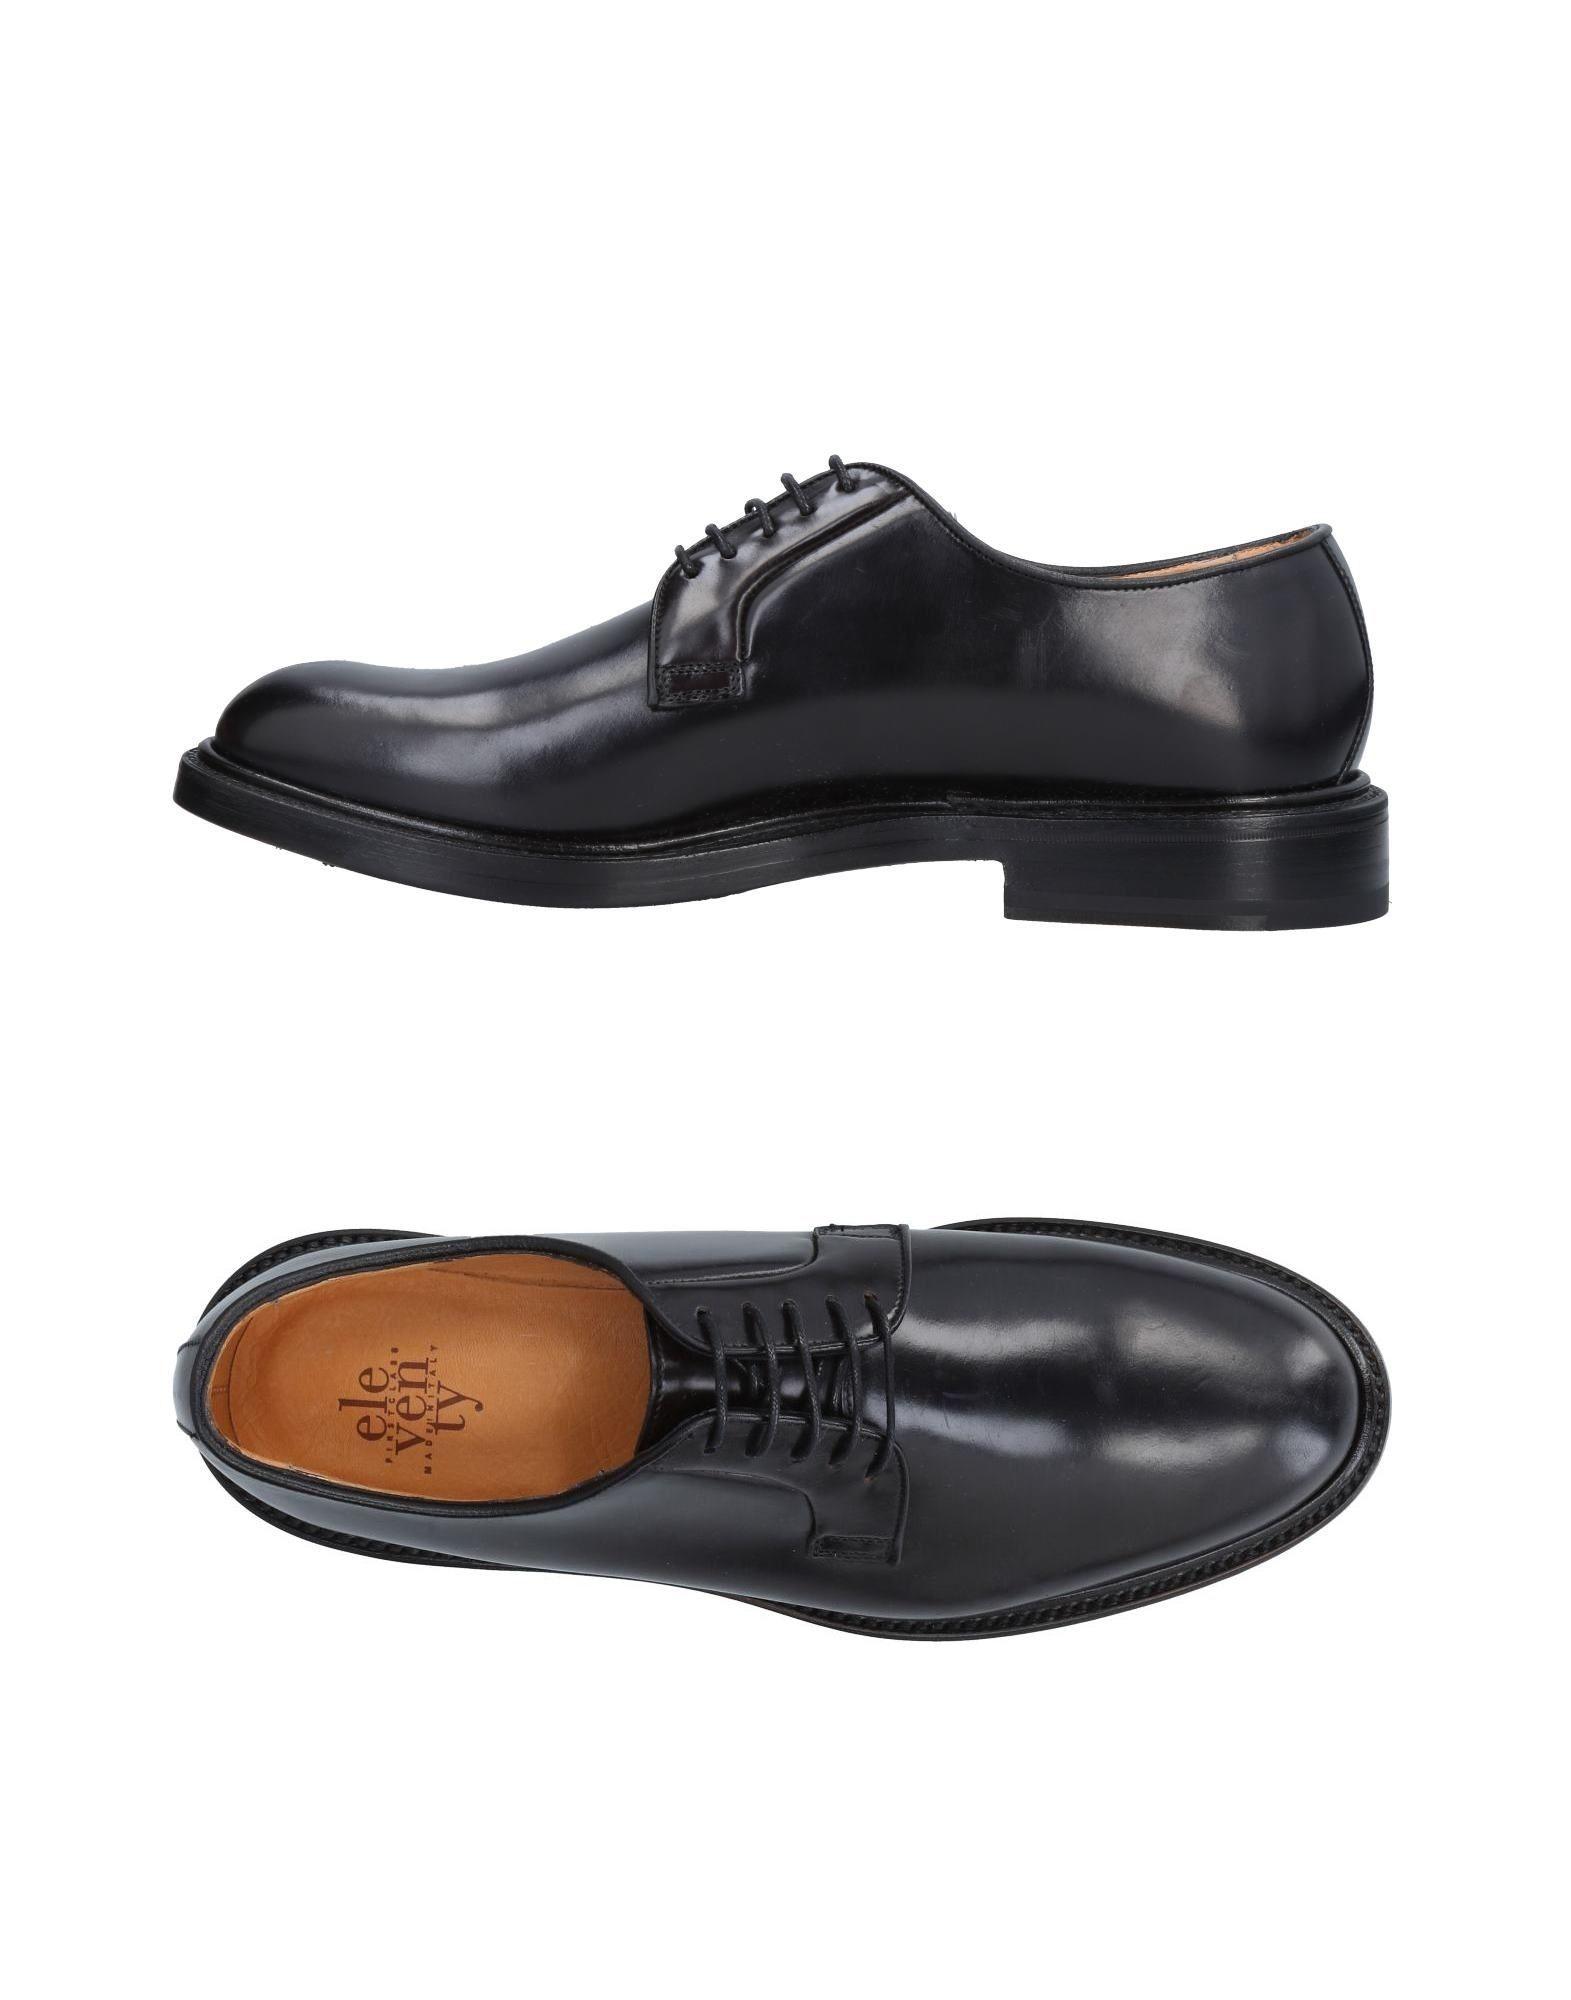 Eleventy Schnürschuhe Herren  11469186VW Gute Qualität beliebte Schuhe